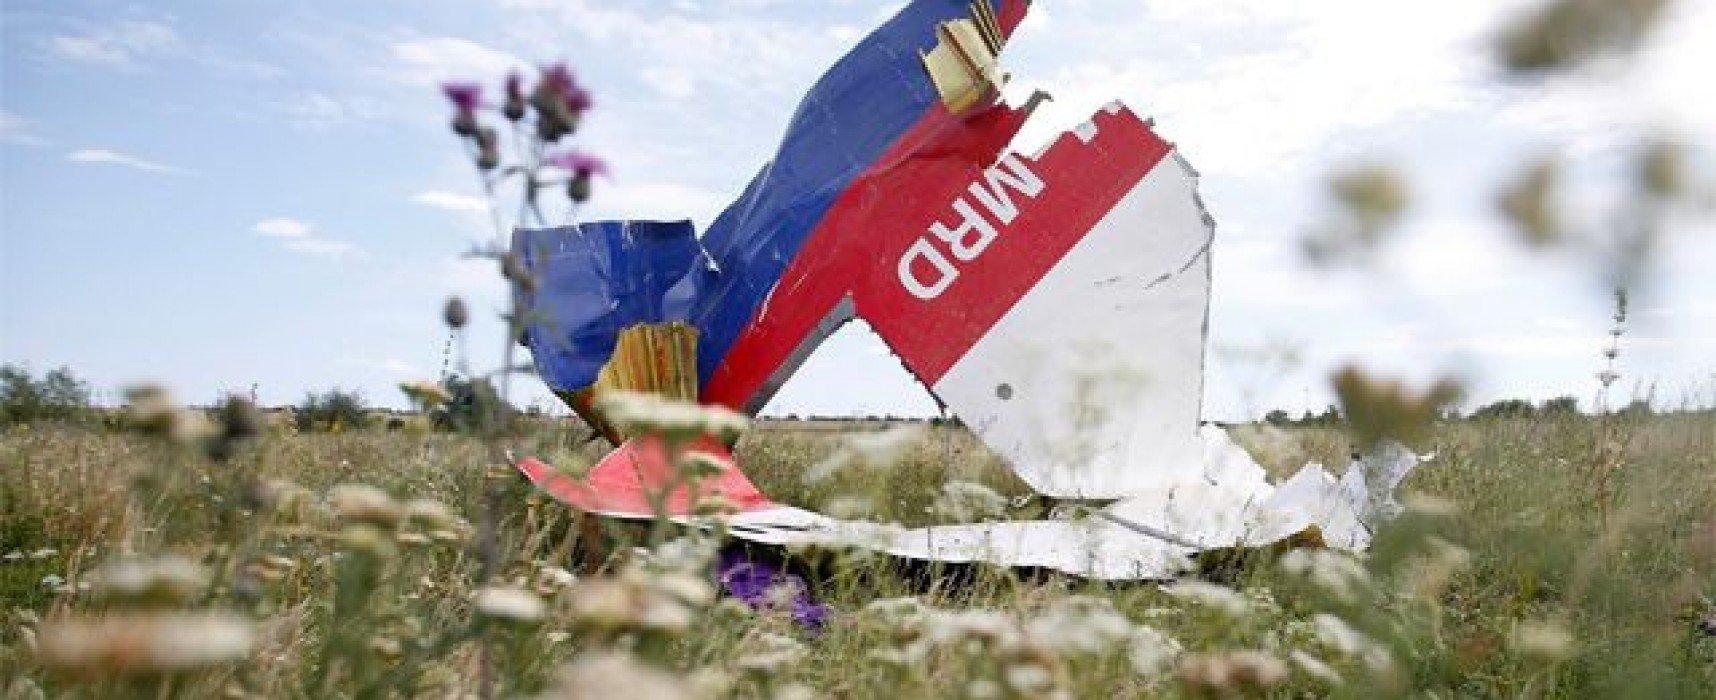 MH17: tres años más tarde, la investigación por las fuentes abiertas